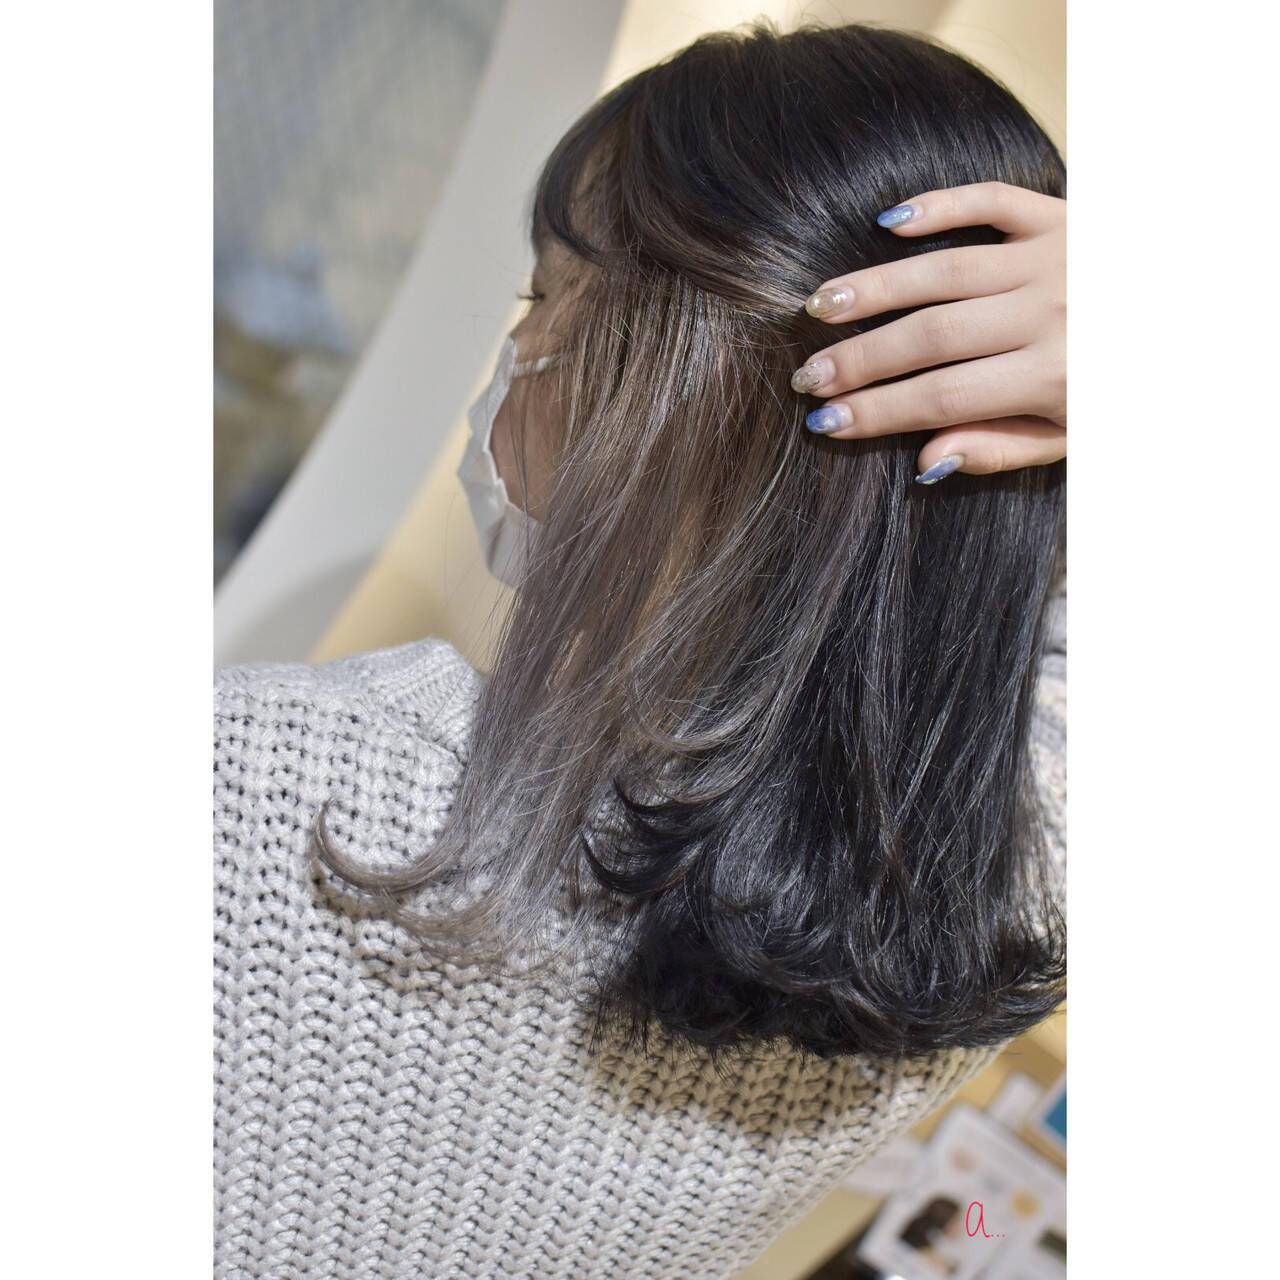 セミロング インナーカラーシルバー シルバーアッシュ シルバーグレーヘアスタイルや髪型の写真・画像